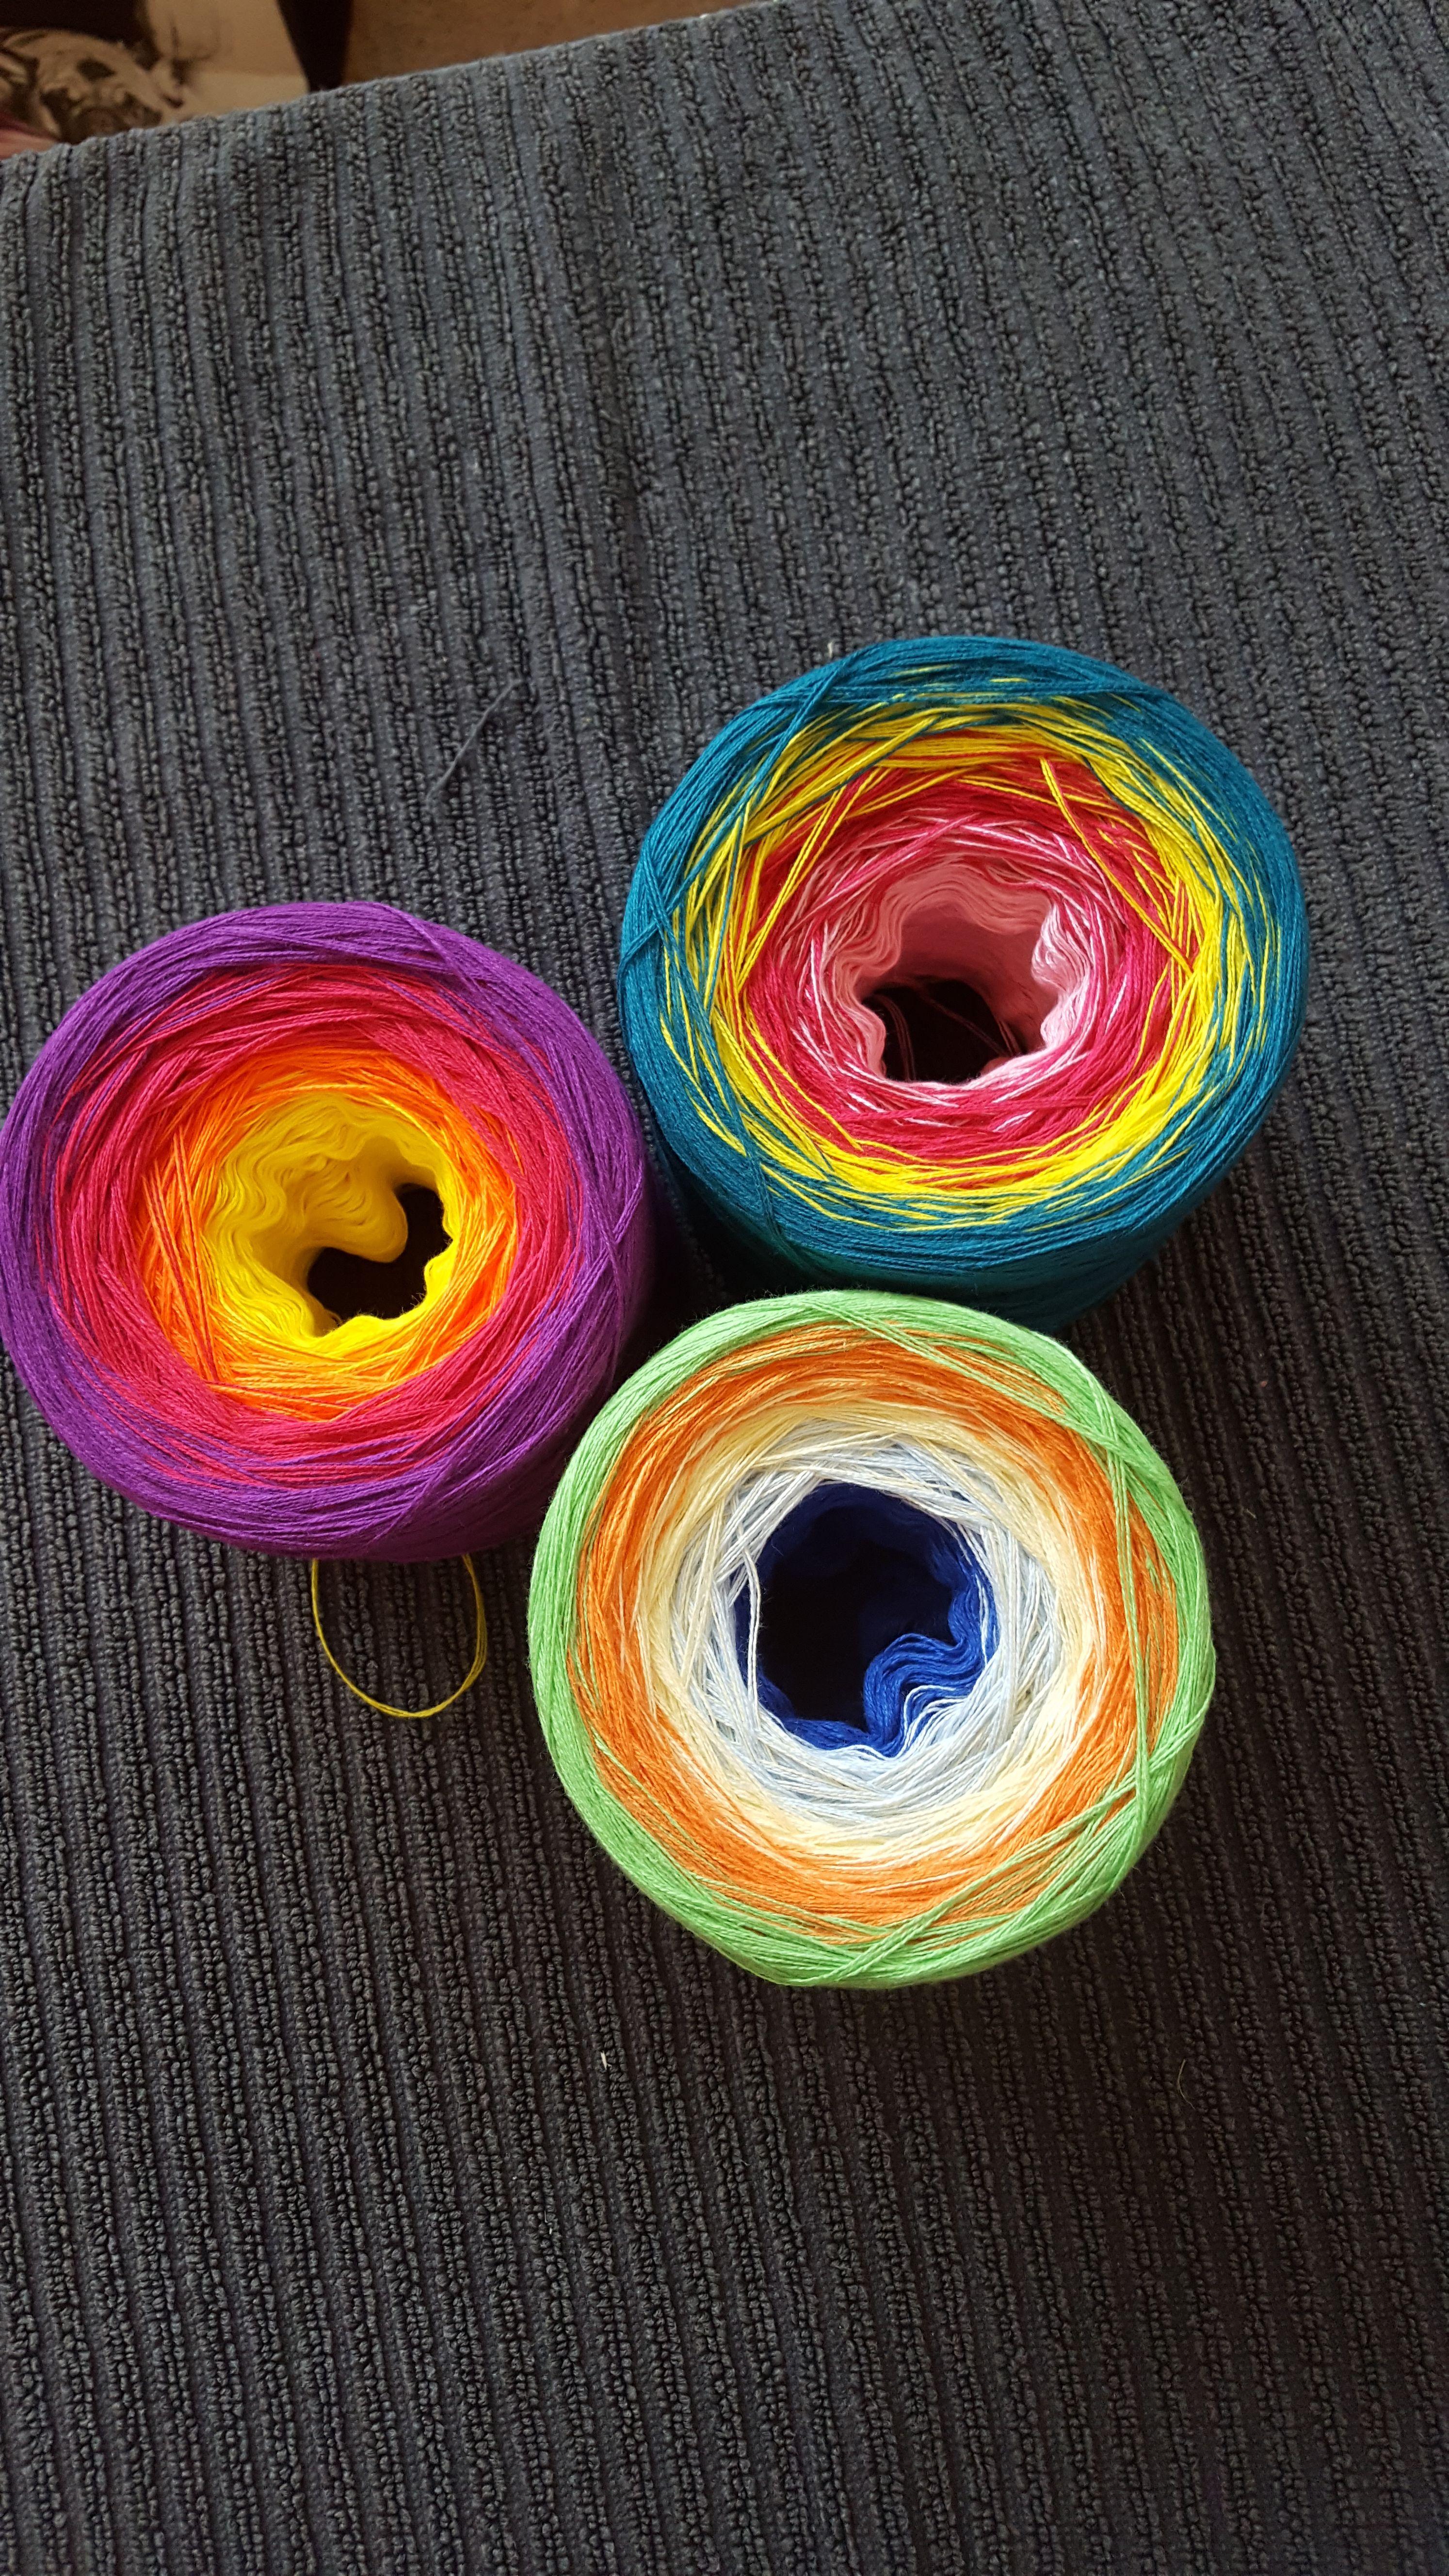 www.lobebobbel.de , Wolle, gefachtes Garn, Farbverlaufgarne, gefachtes Farbverlaufgarn, häkeln, stricken